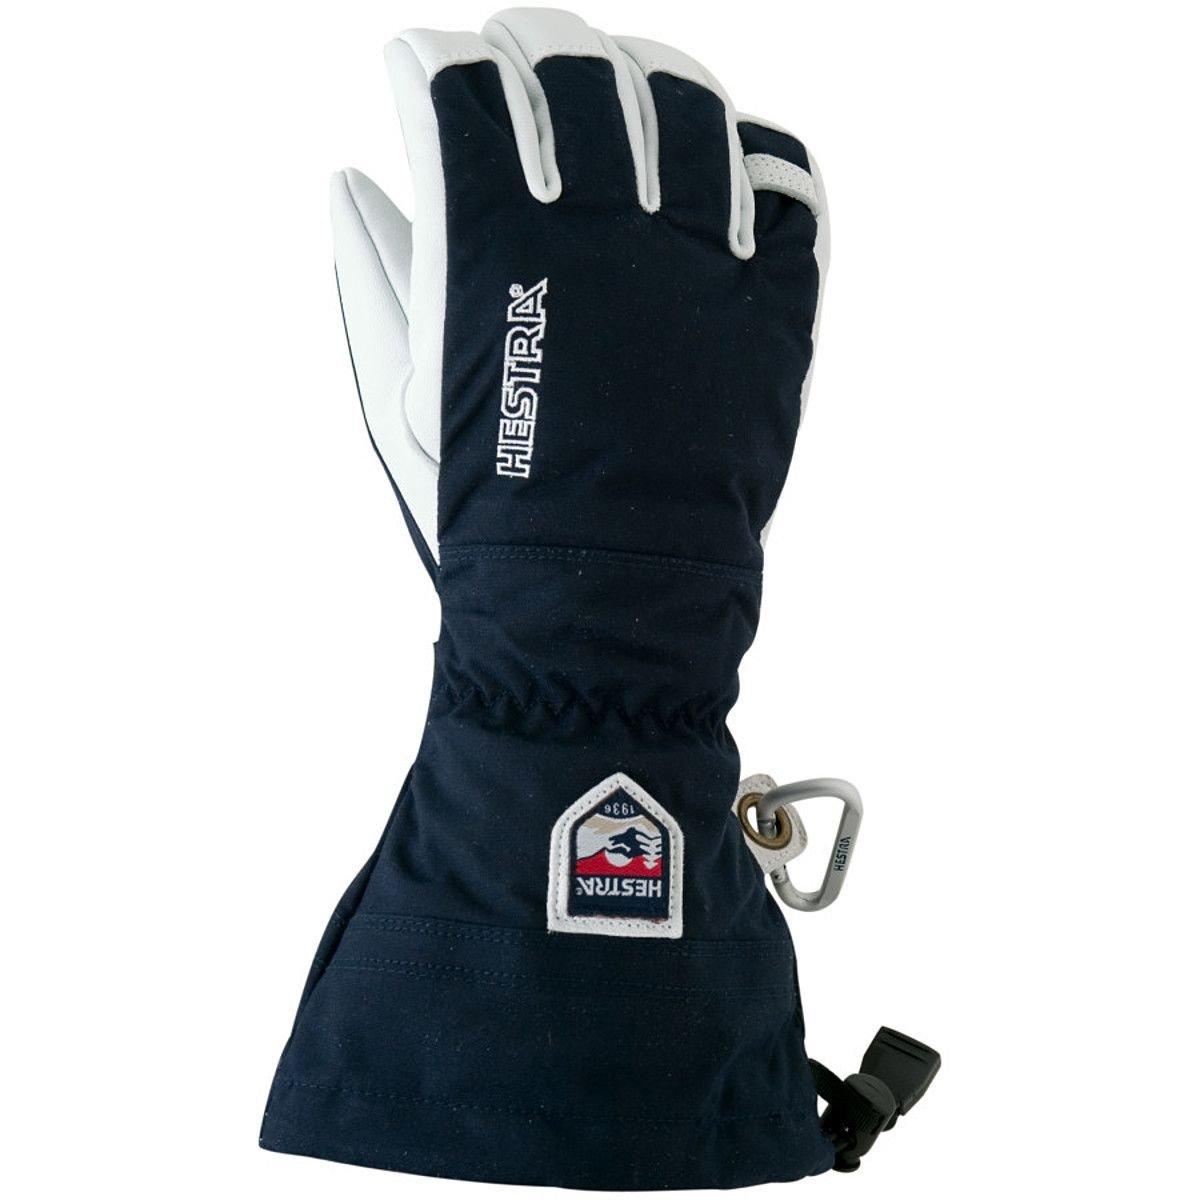 Hestra Army Leather Heli Ski Gloves, Navy, 9